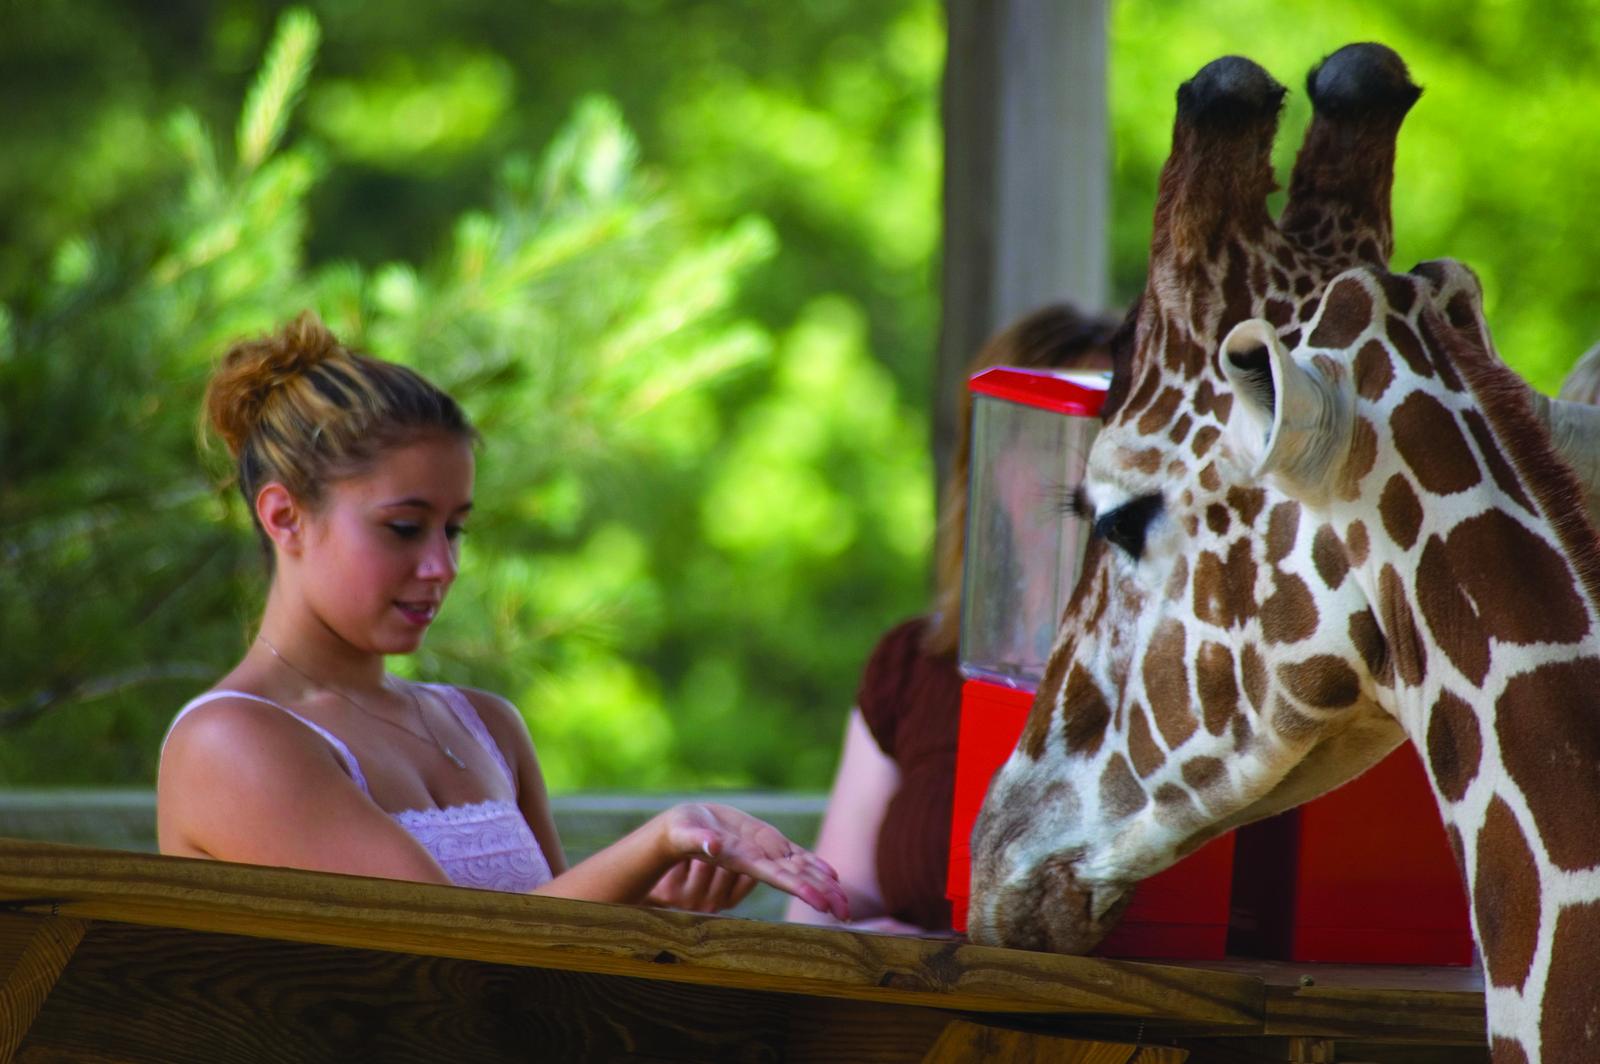 Metro Richmond Zoo - Moseley, Virginia